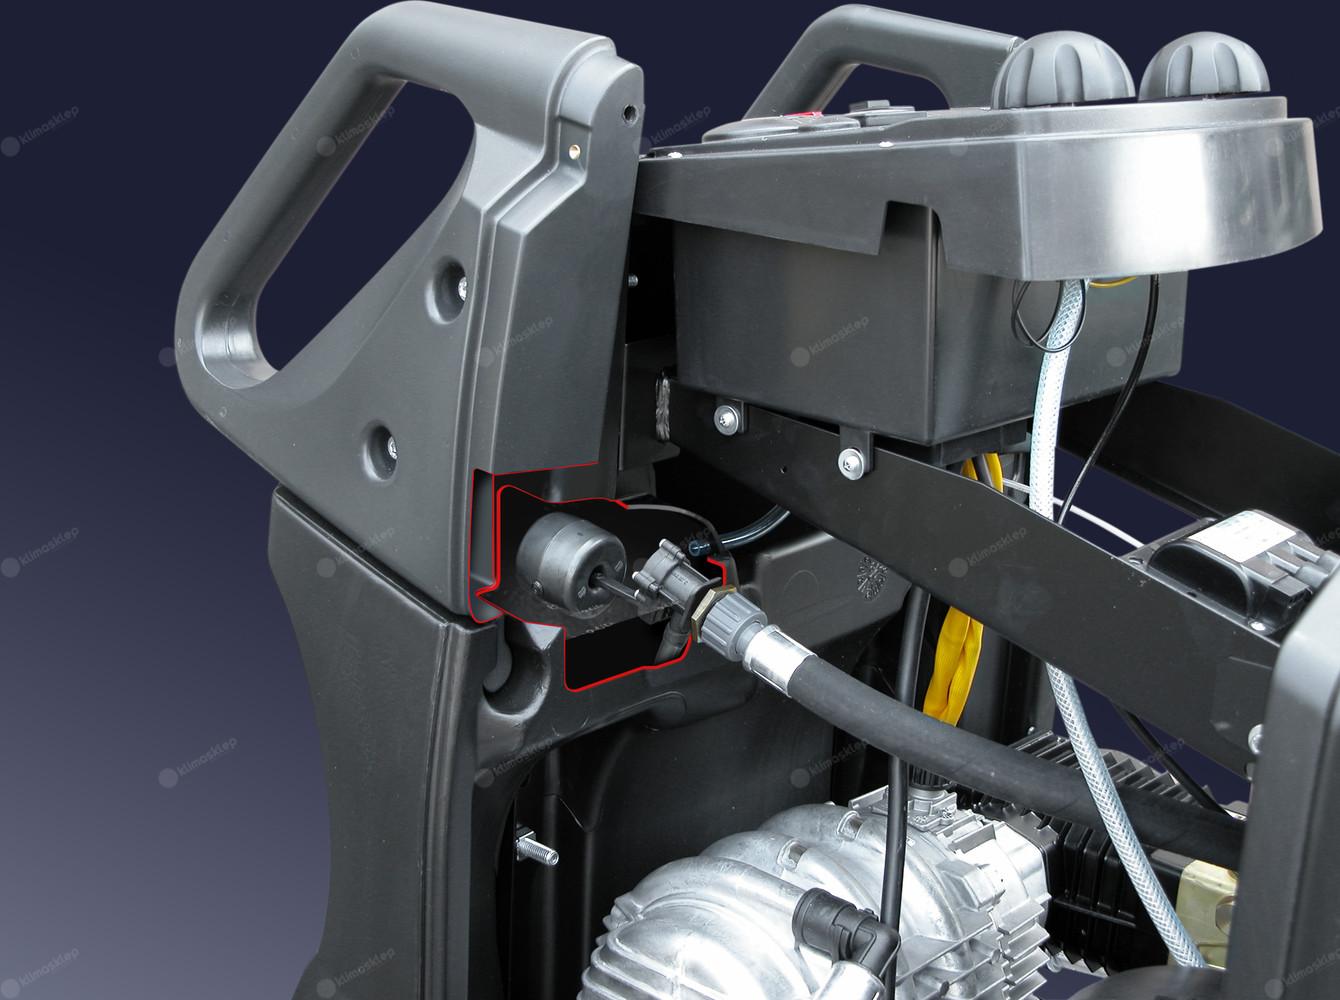 Myjki Lavor z serii Tekna mają silnik z ochroną termiczną i chłodzeniem wodnym